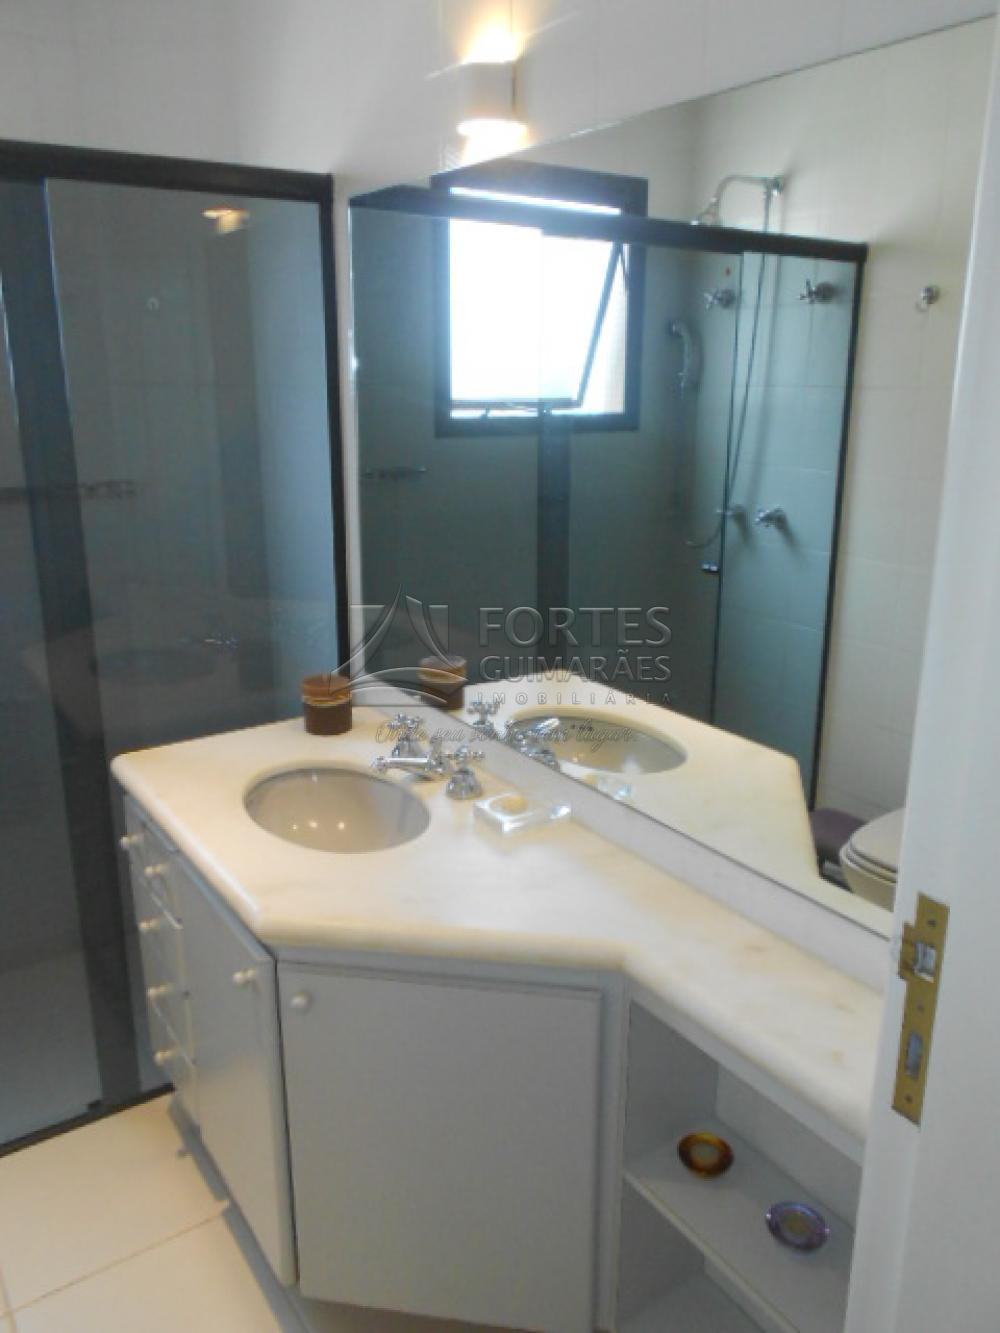 Alugar Apartamentos / Padrão em Ribeirão Preto apenas R$ 3.800,00 - Foto 38